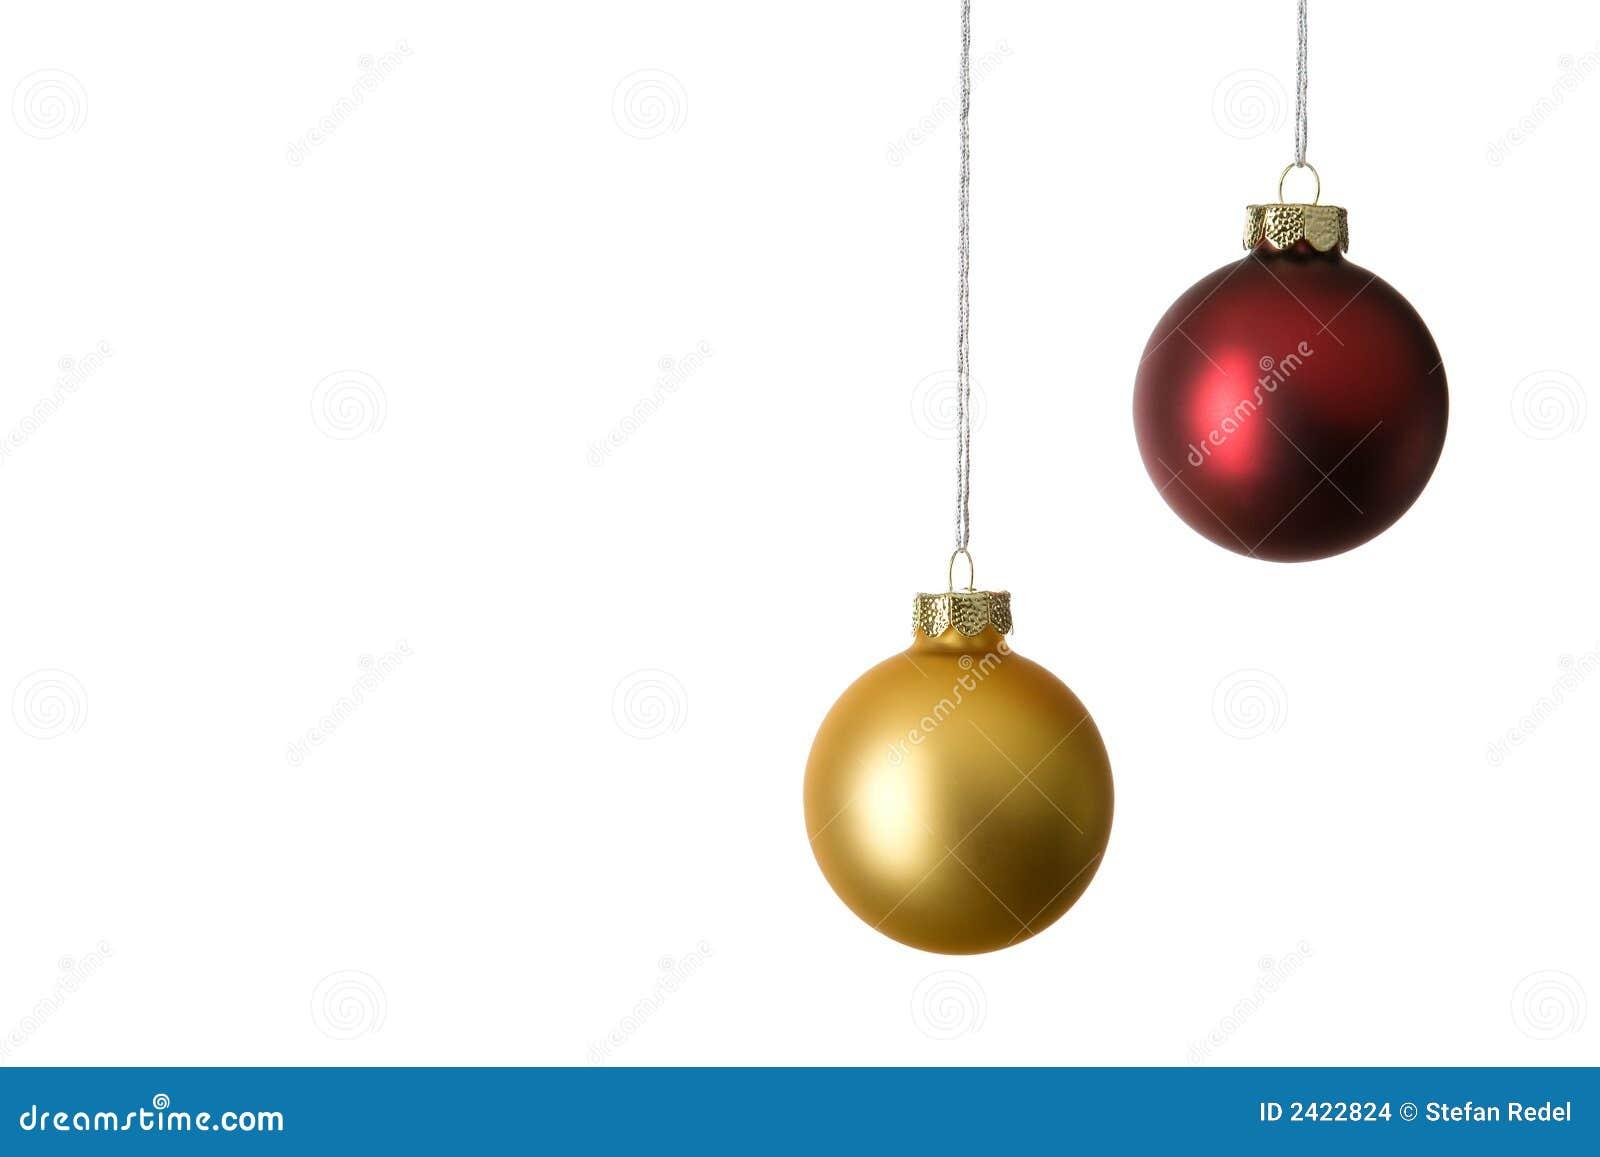 Zwei weihnachtskugeln stockfoto bild von schnitt feiertag 2422824 - Bilder weihnachtskugeln ...